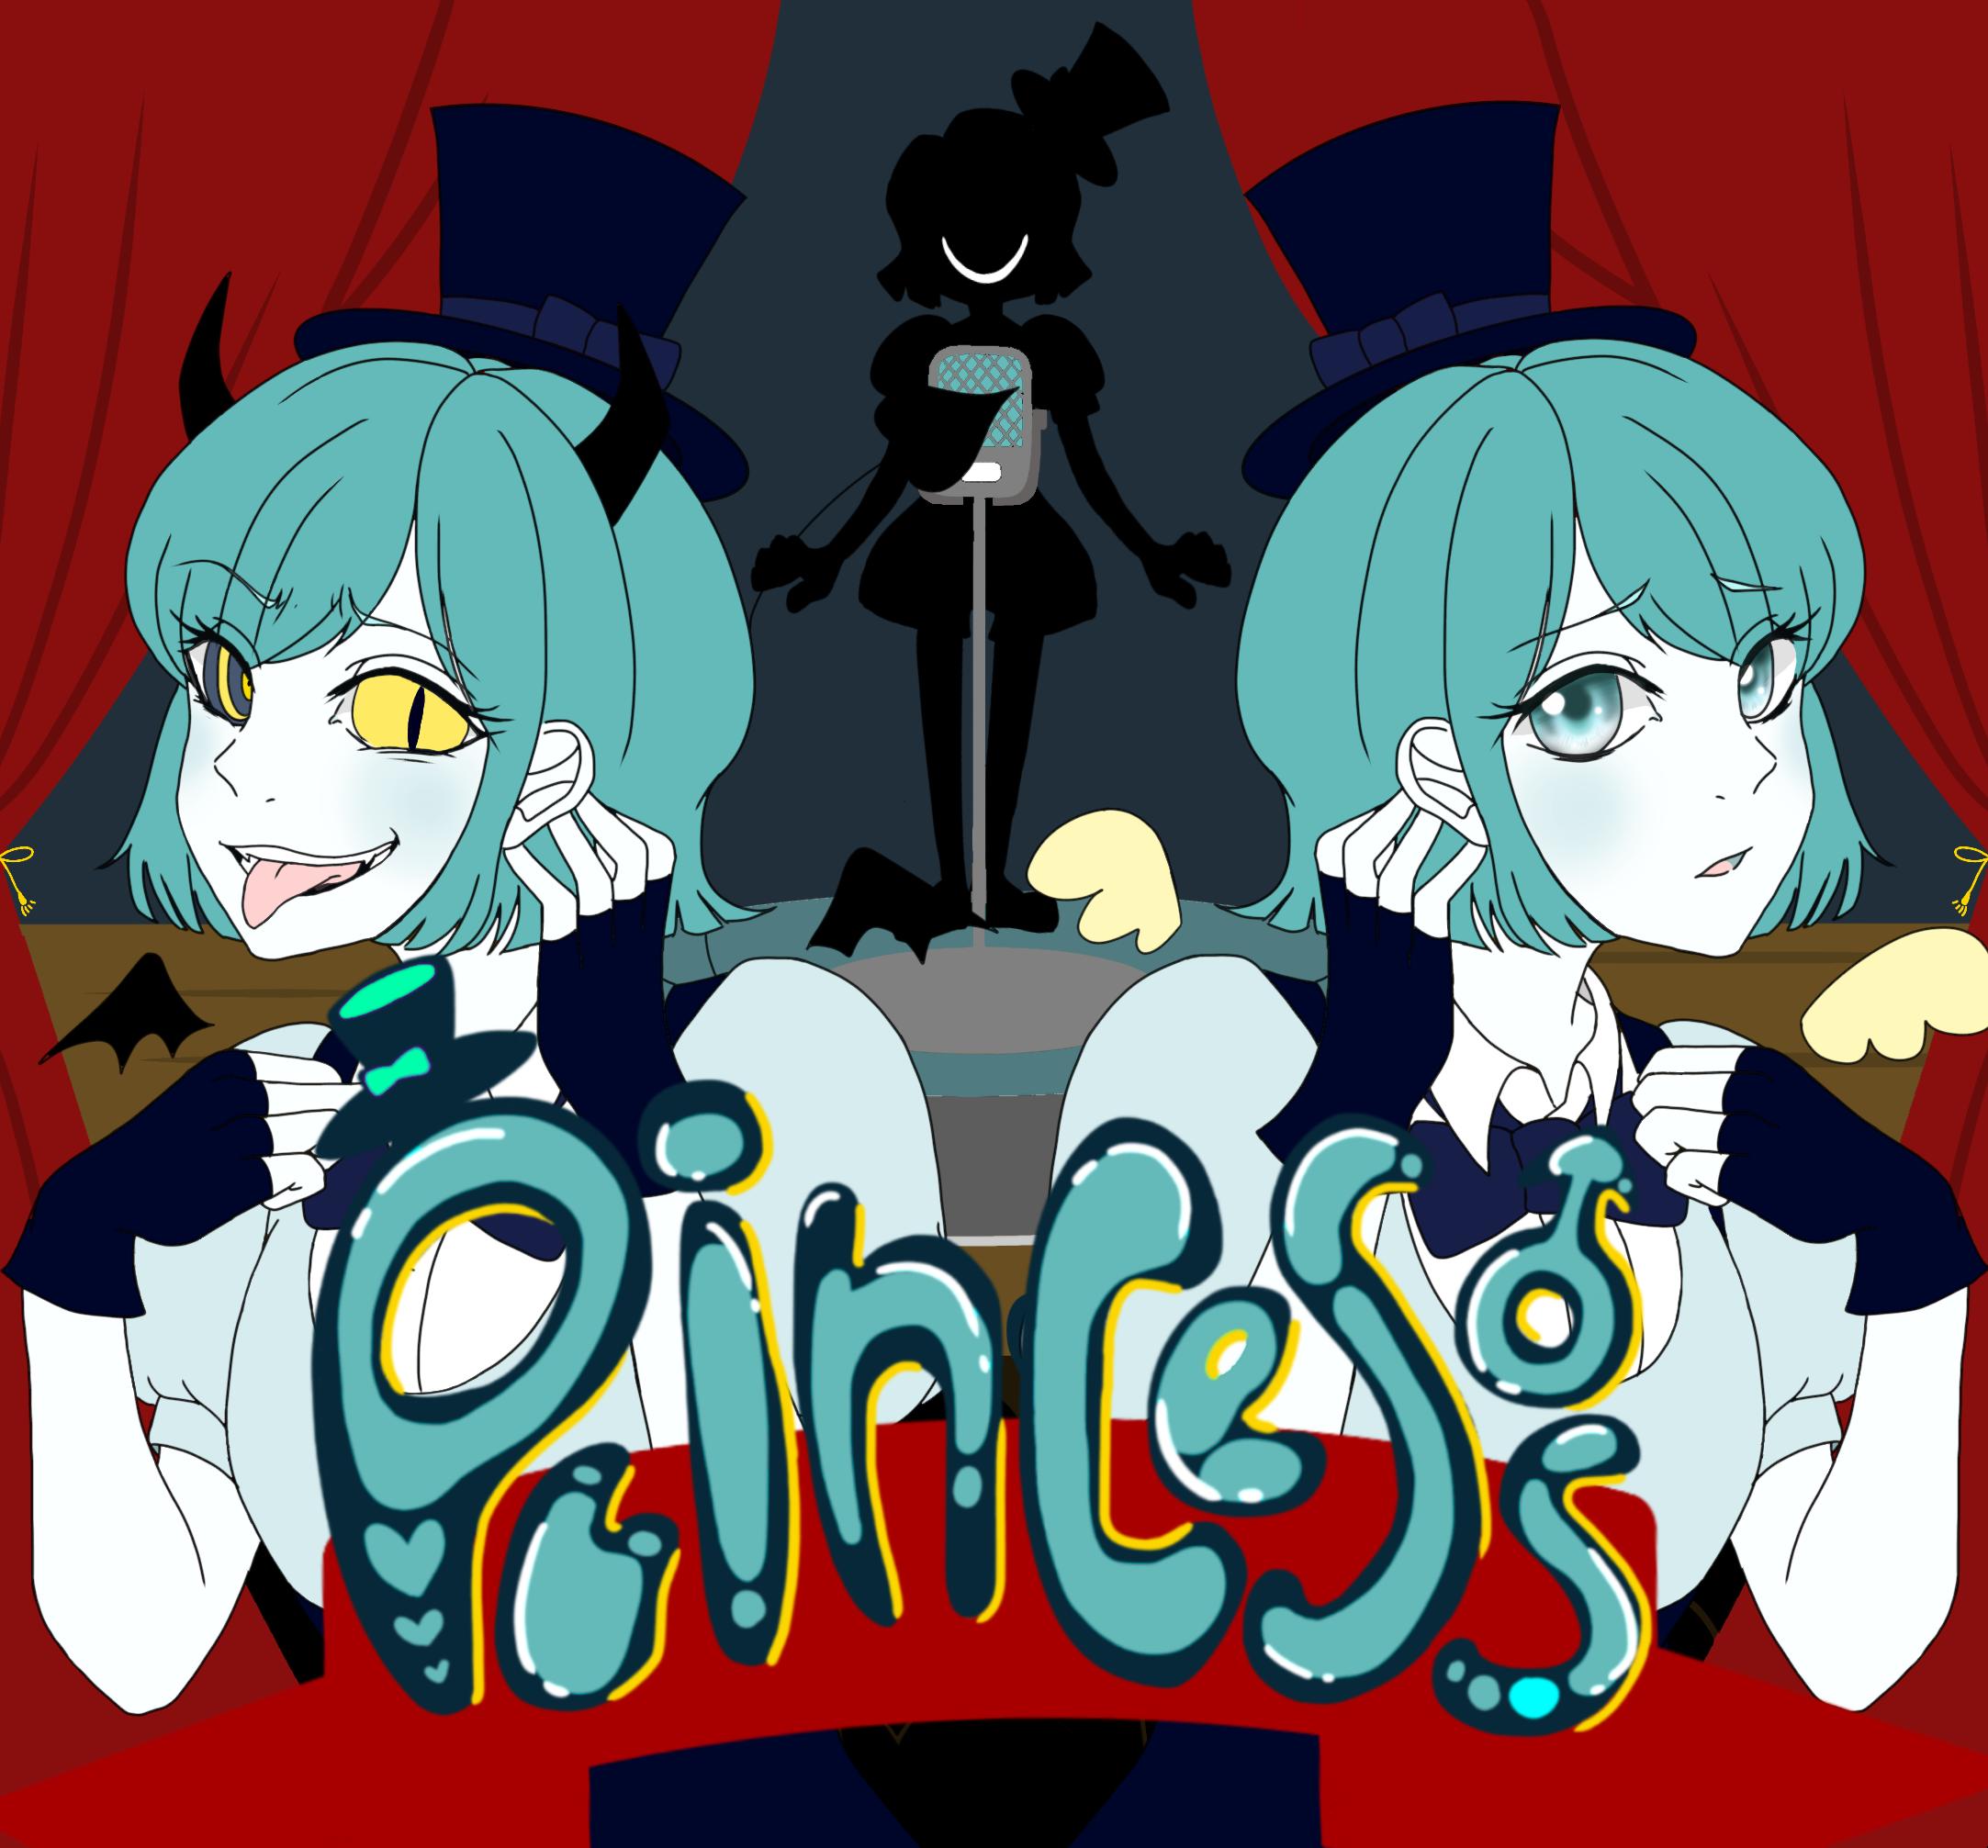 トップ ハム ハット 狂 princess Princess♂/トップハムハット狂|音楽ダウンロード・音楽配信サイト